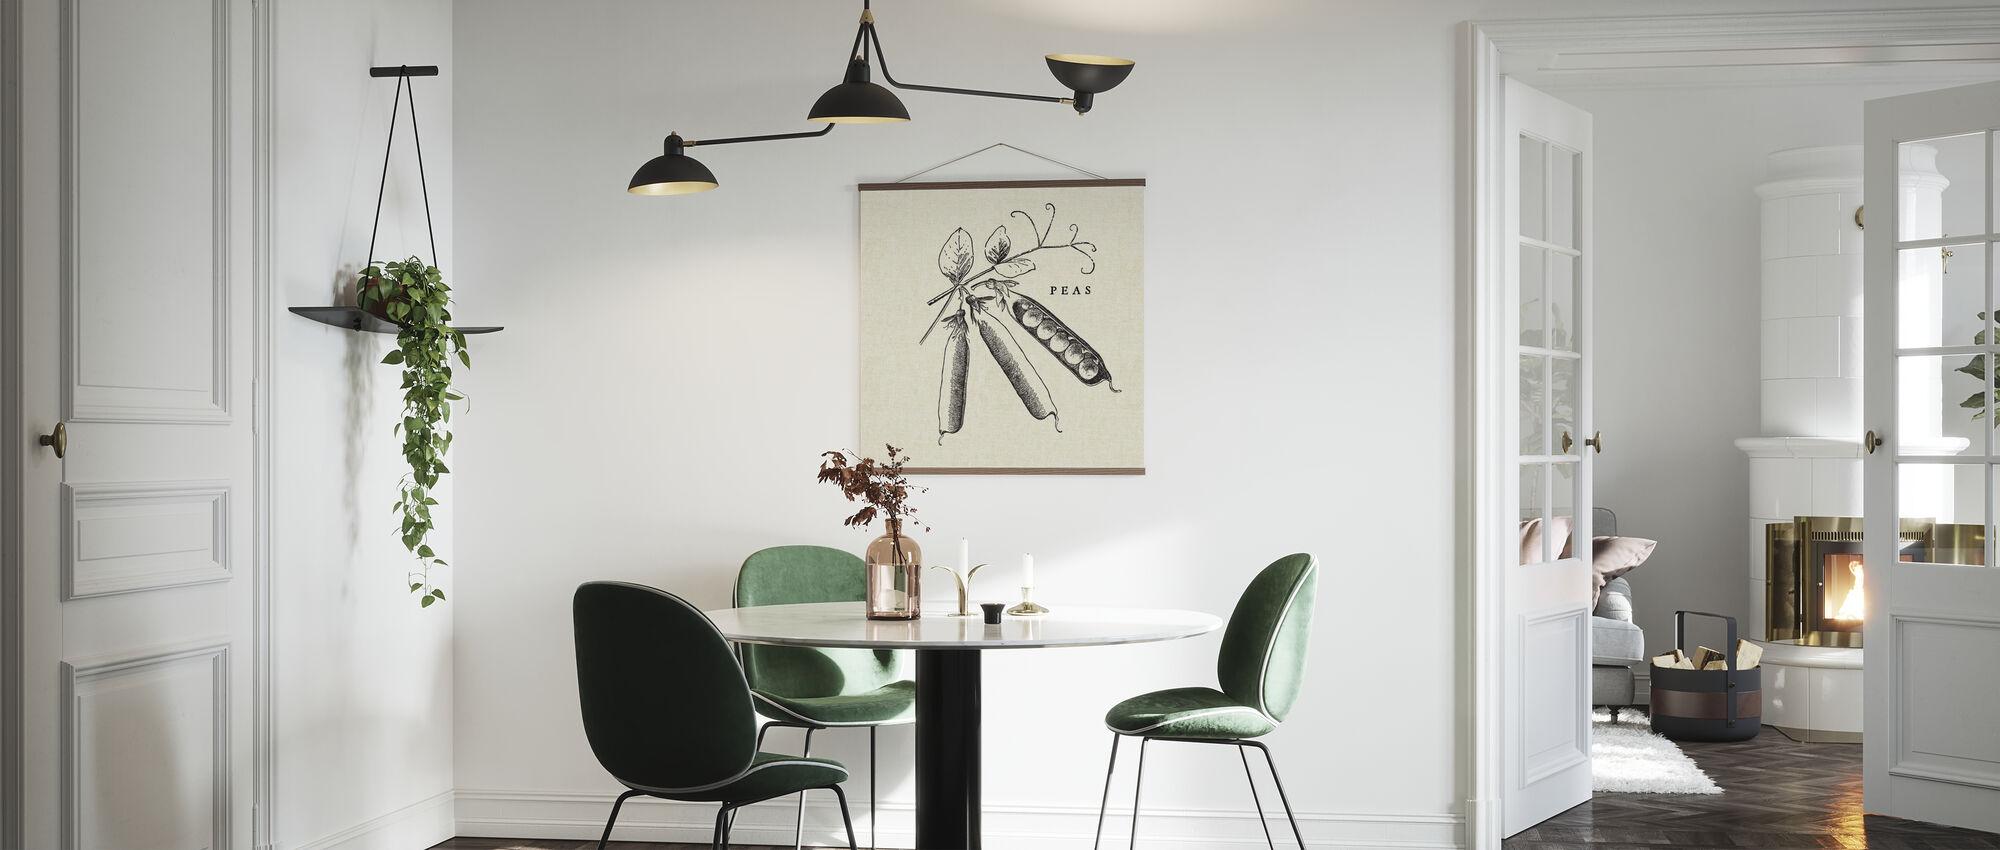 Kjøkken Illustrasjon - Erter - Plakat - Kjøkken